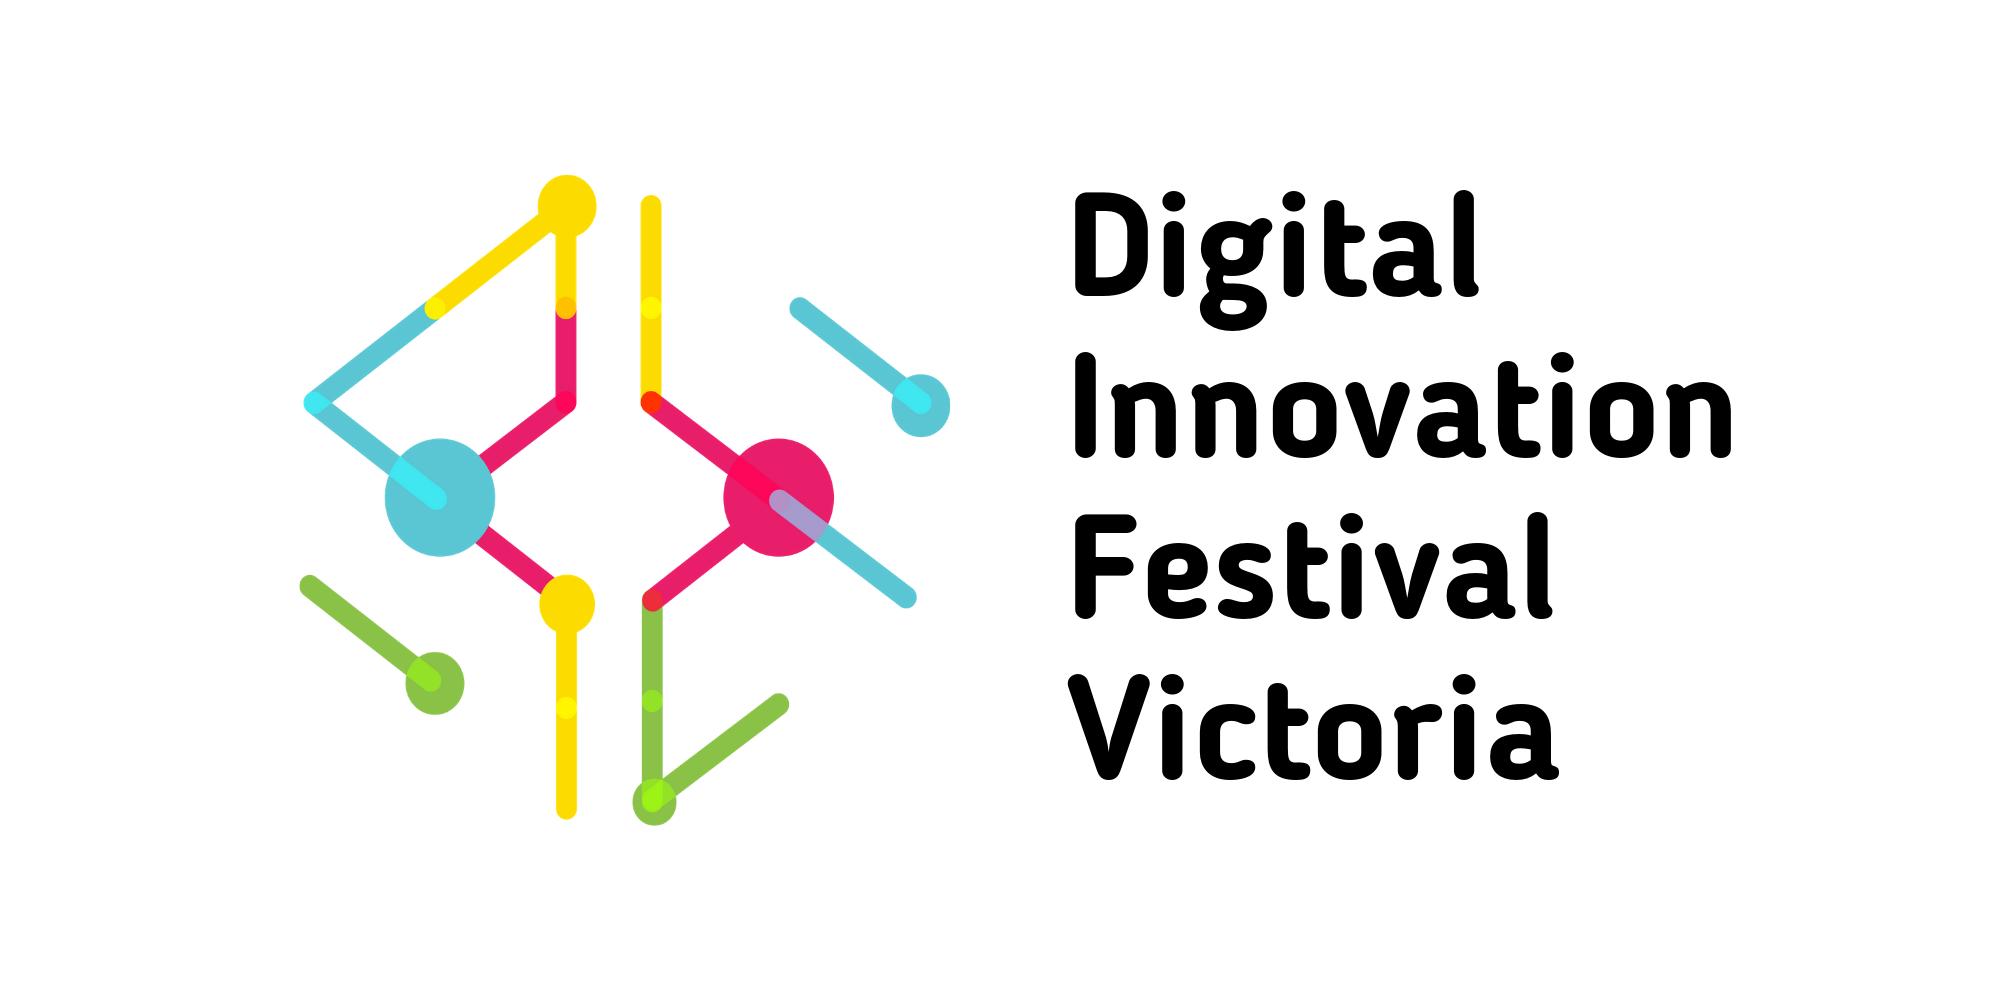 Digital Innovation Festival